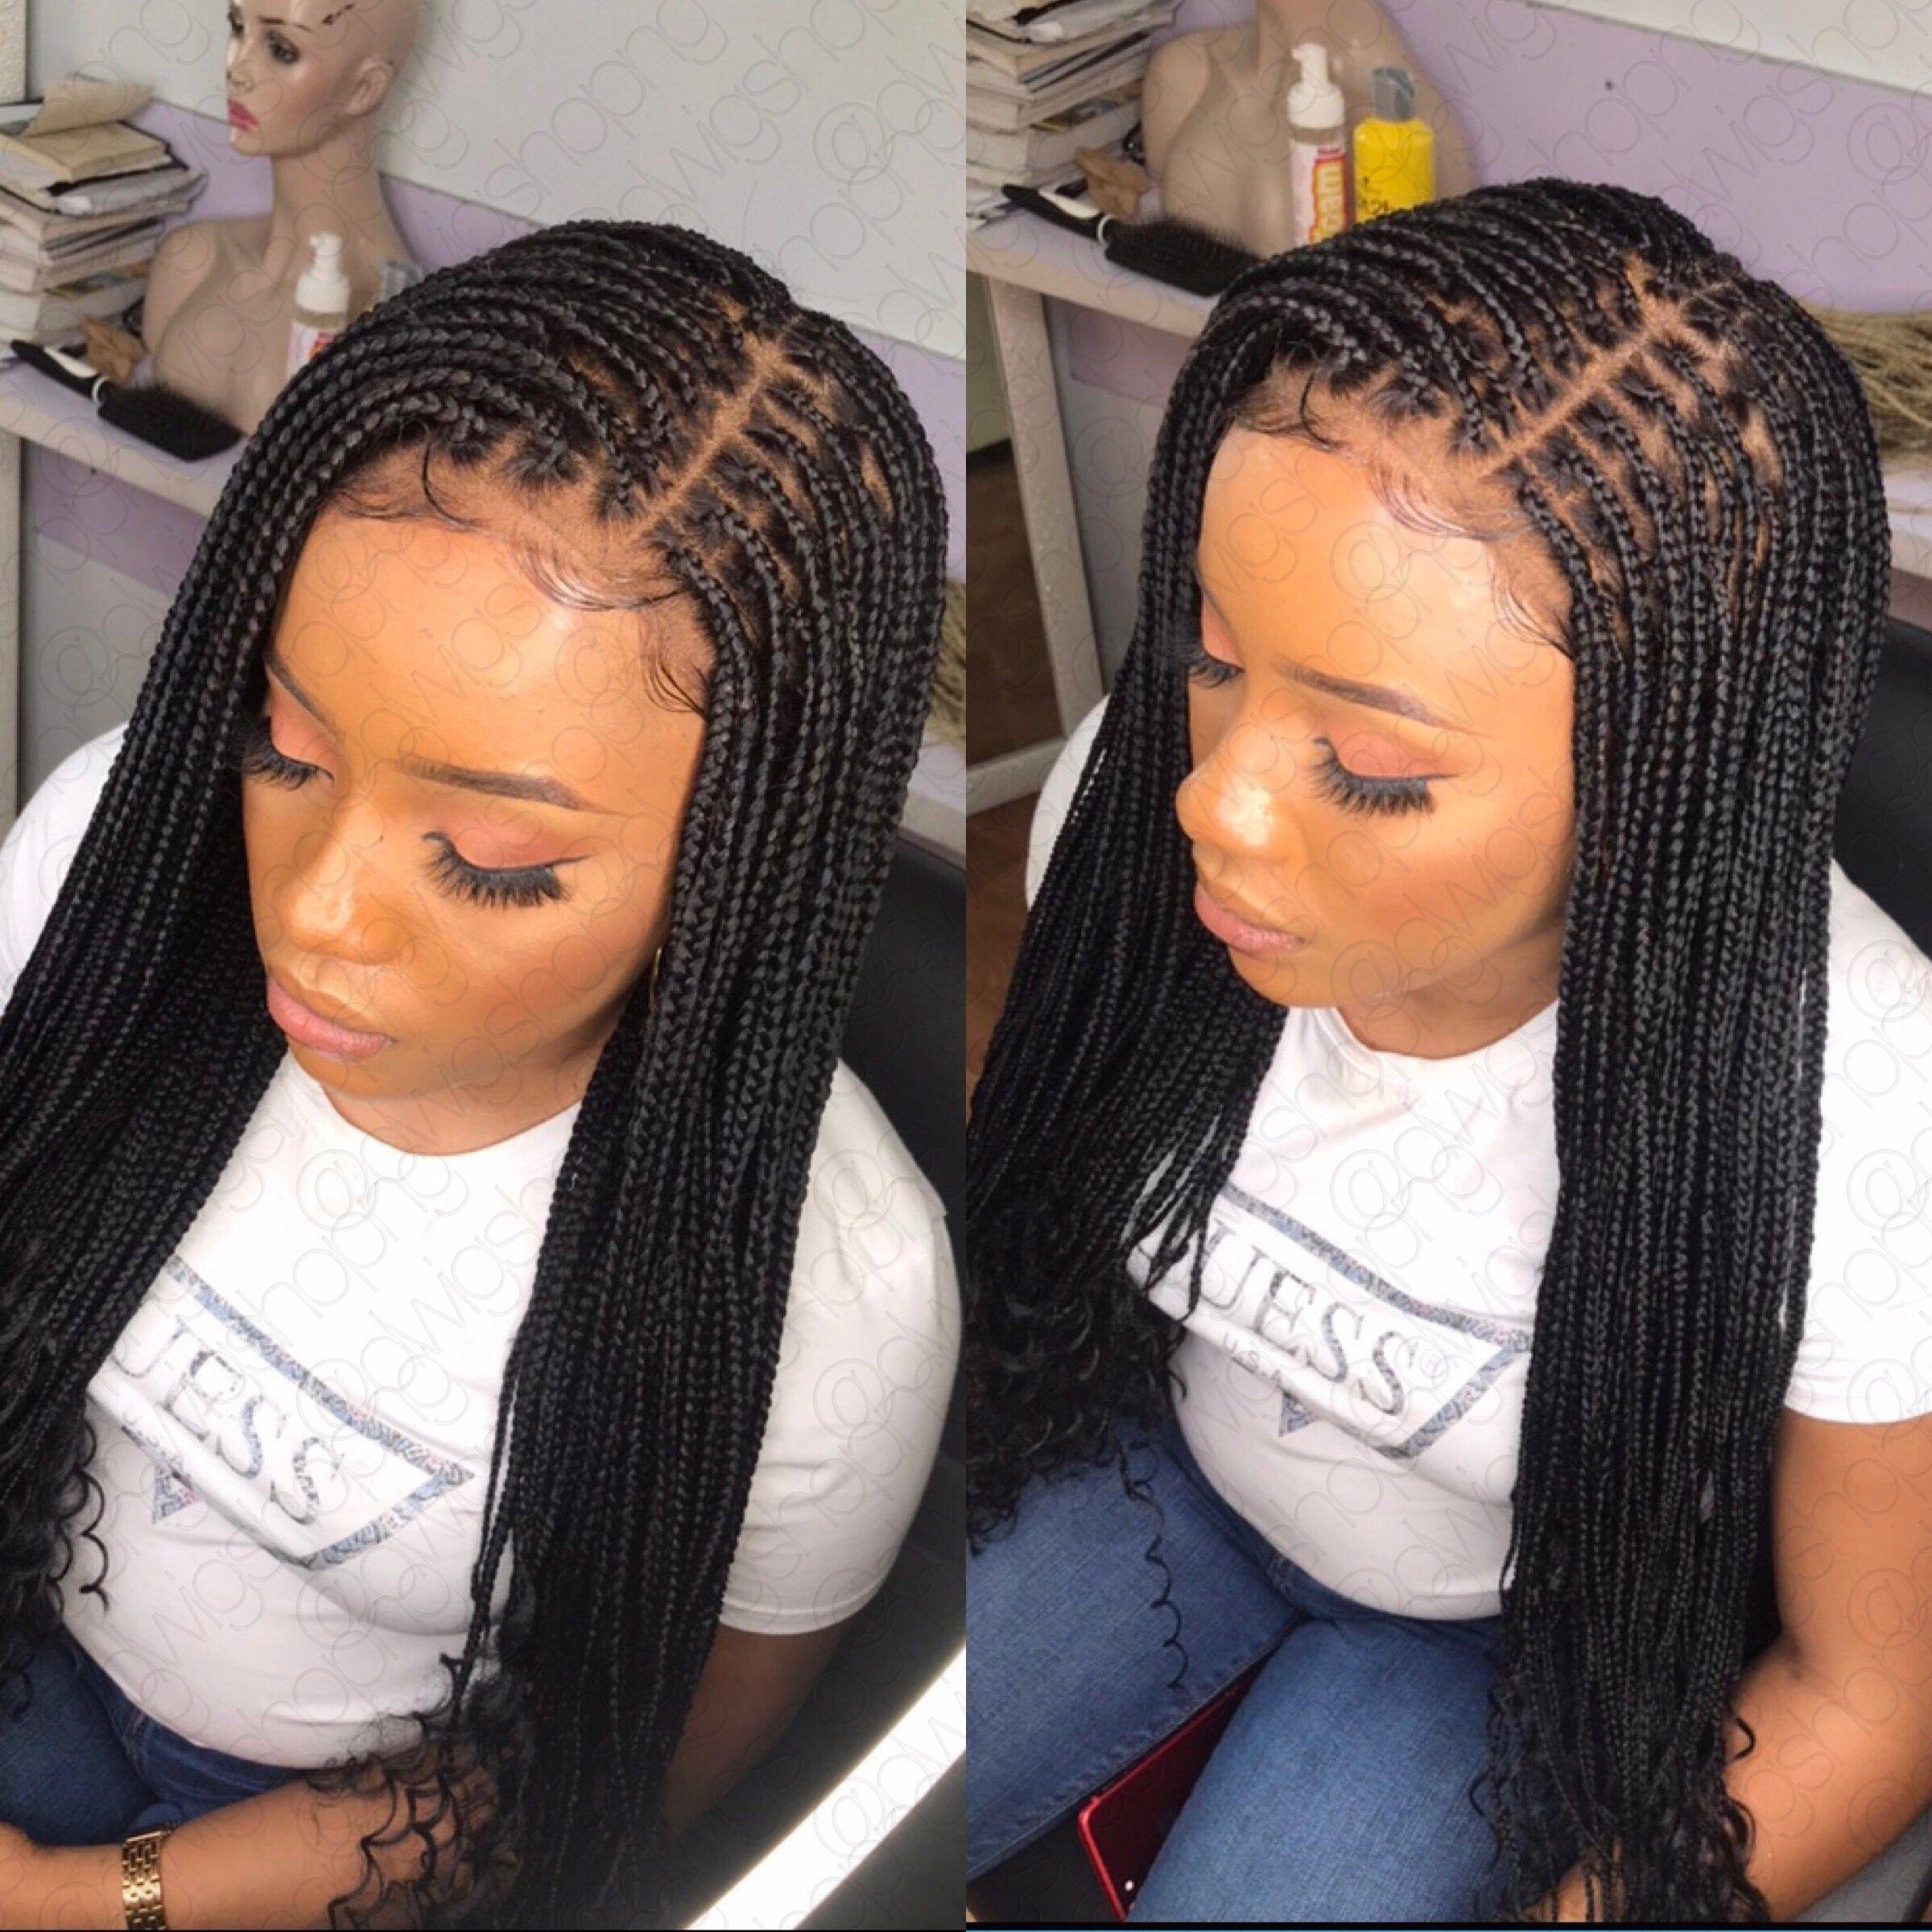 Box Braid Wig Goddess Box Braided Wig Curly Box Braids Image 0 Curlybraids Box Braids Hairstyles Braided Hairstyles Box Braids Styling